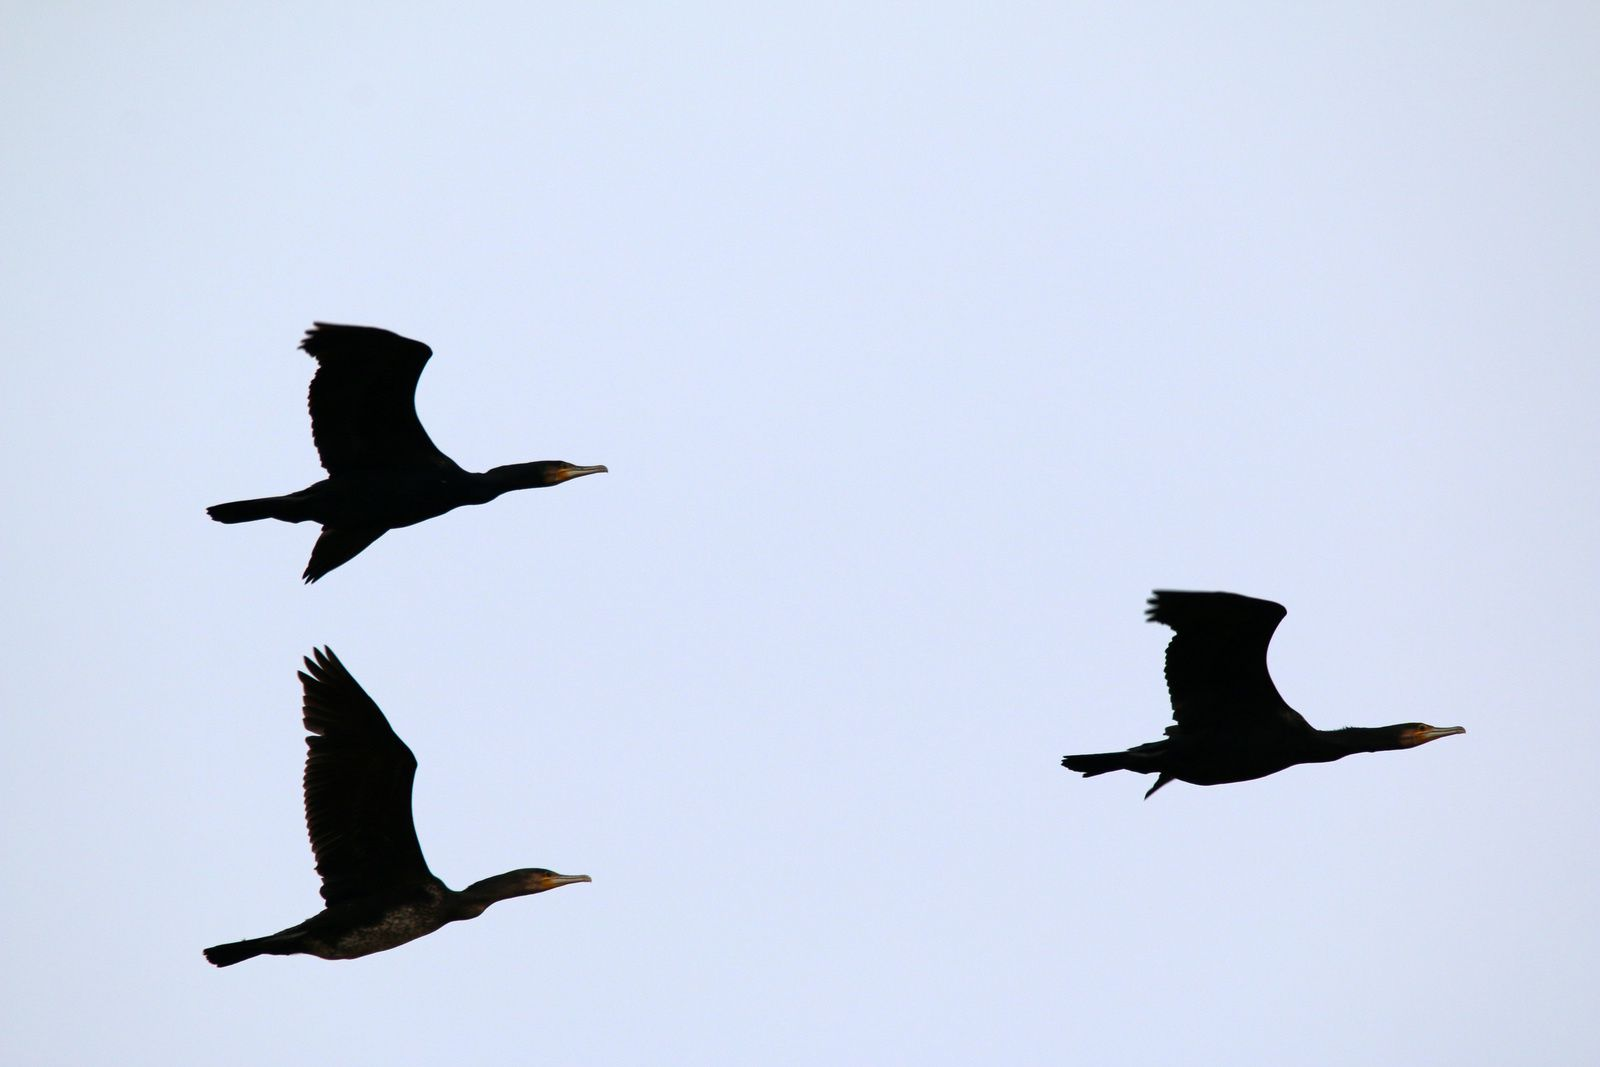 Jamais vu autant de cormorans, passage d'une dizaine de volatiles au dessus de la rigole.